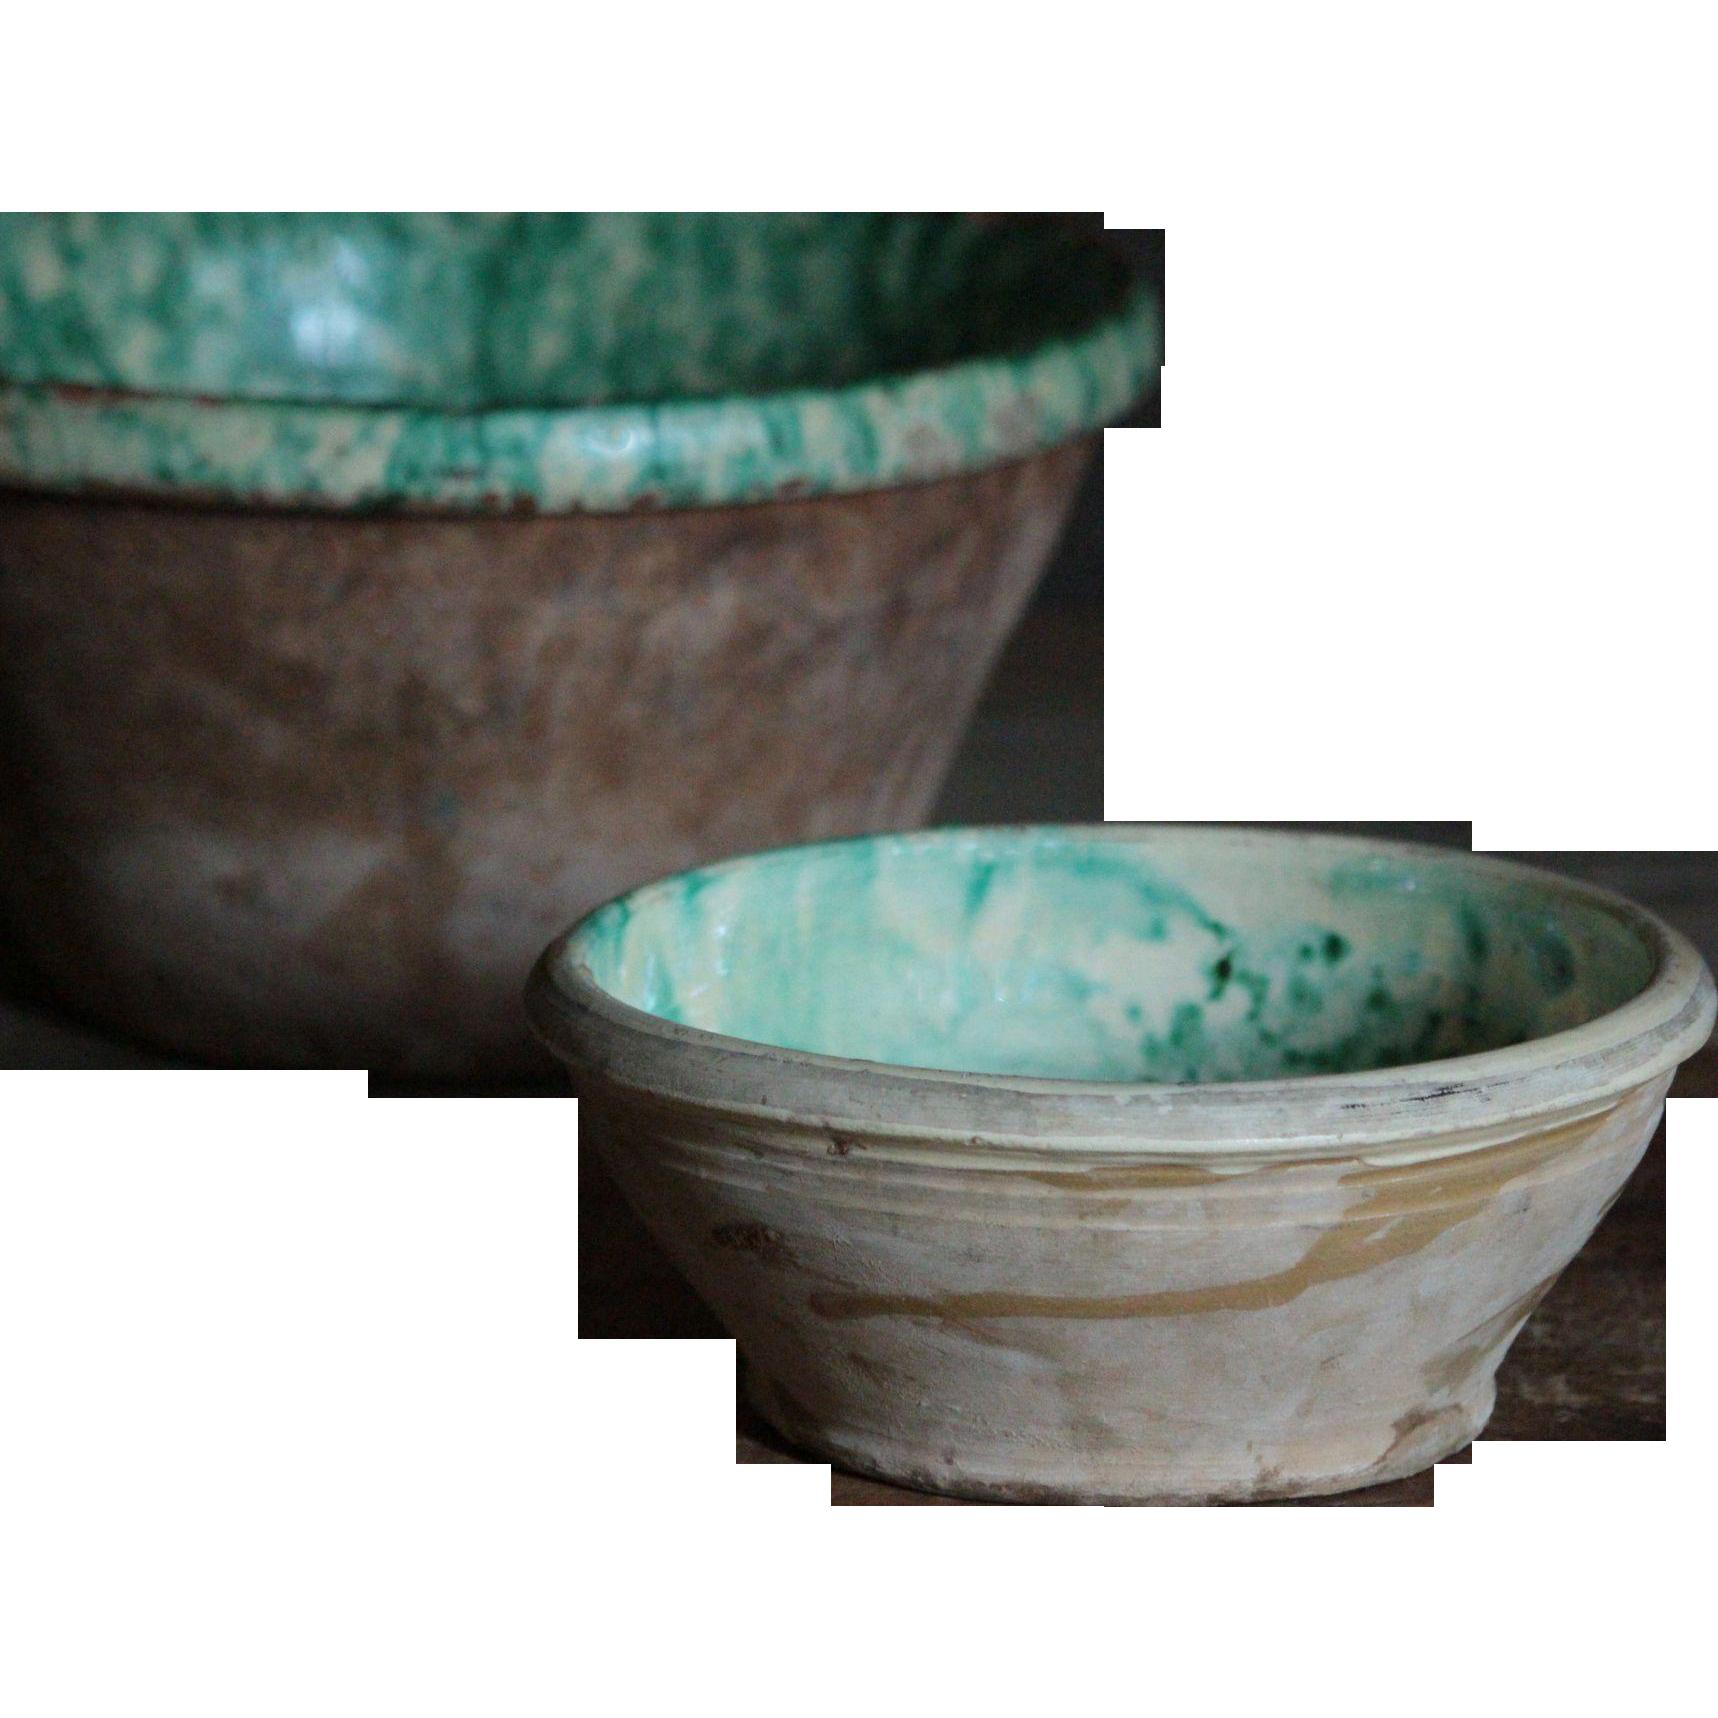 Antique Italian Terrcotta Passata Bowl- Slip Glazed Spongeware